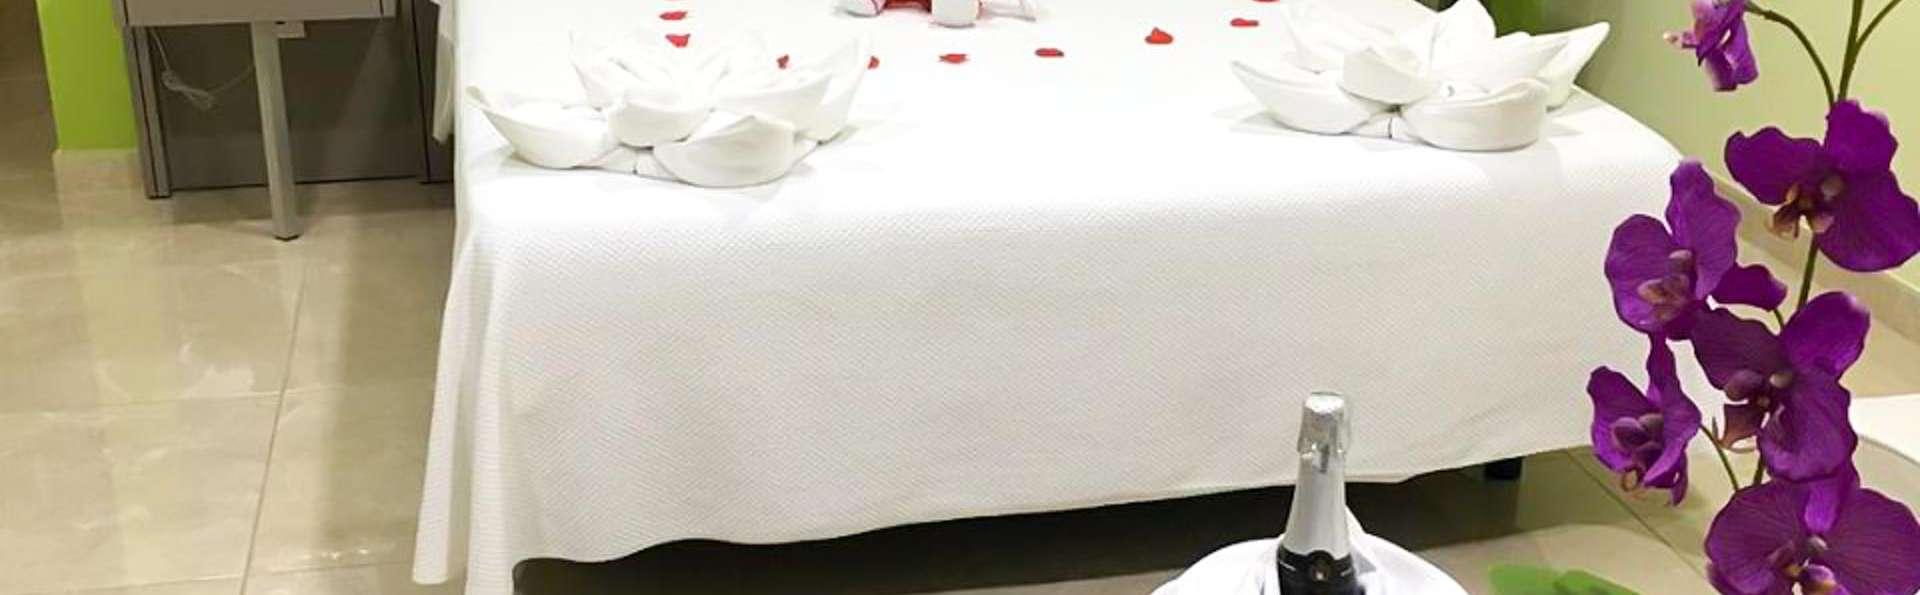 Escapada romántica con jacuzzi privado en la habitación en Calasparra, Murcia